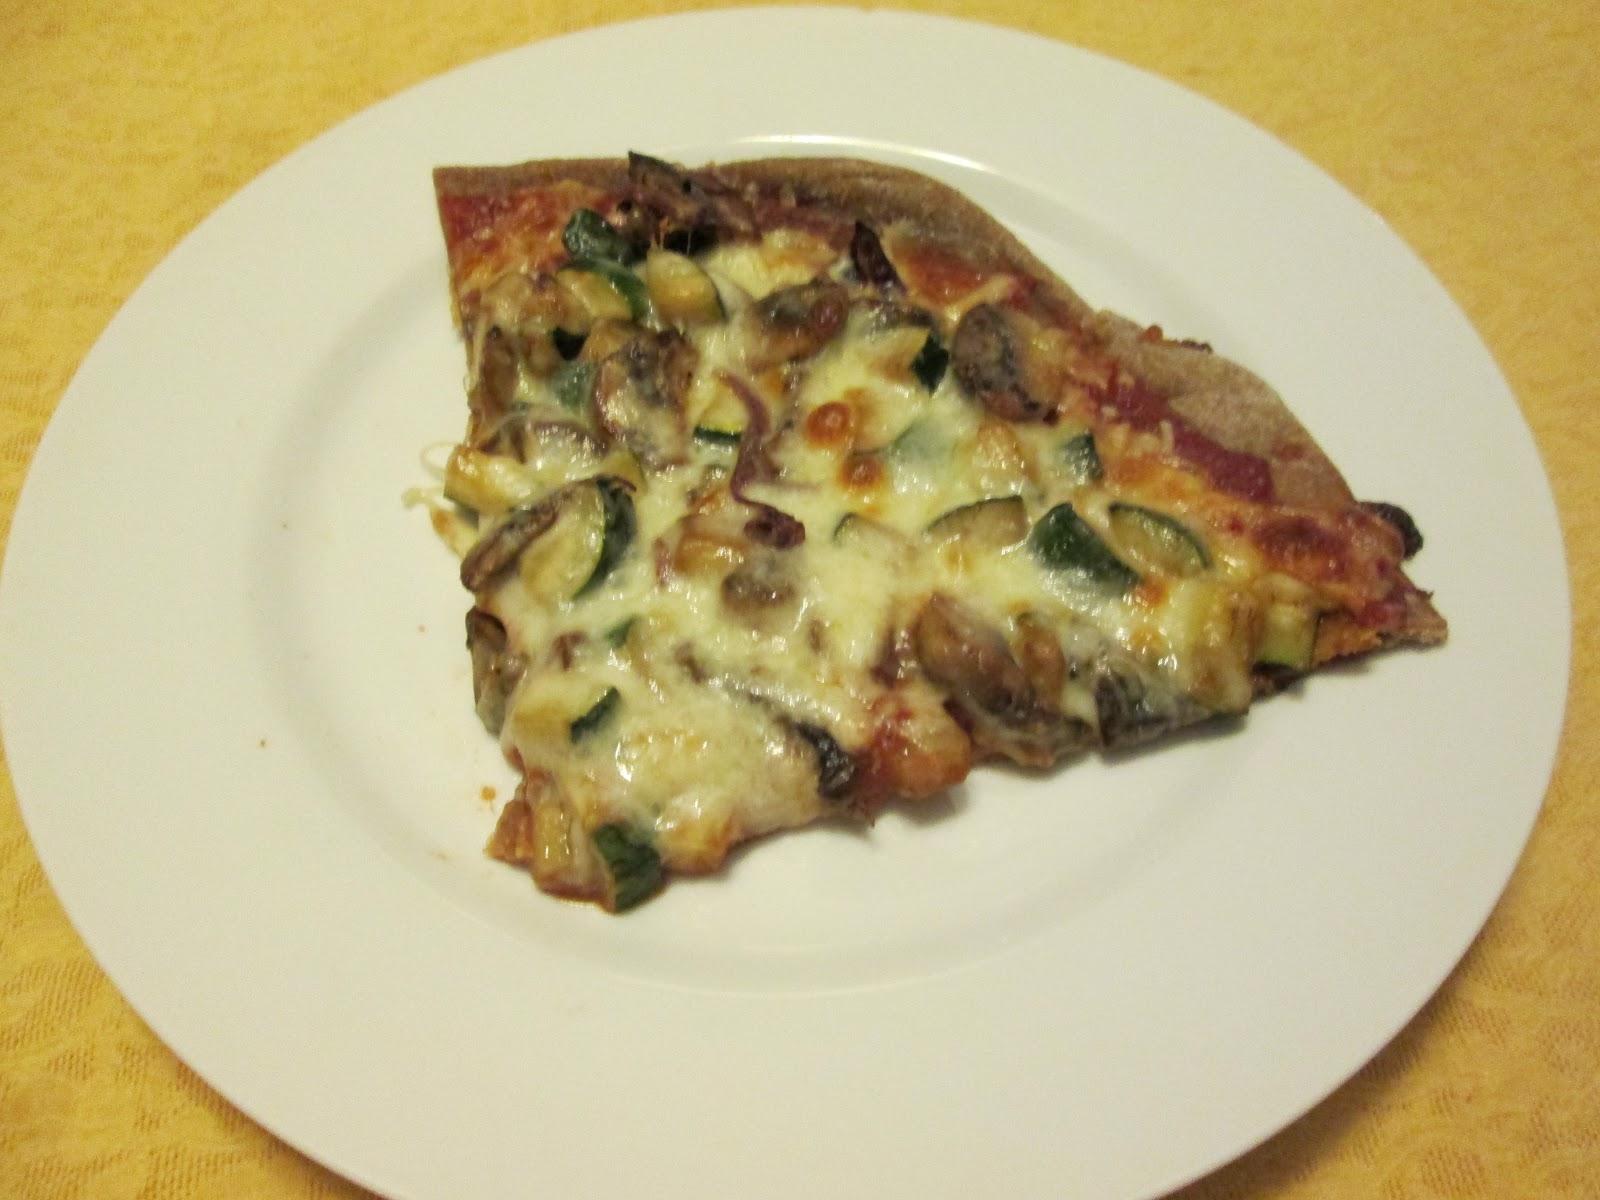 large slice of Whole Wheat Veggie Pizza